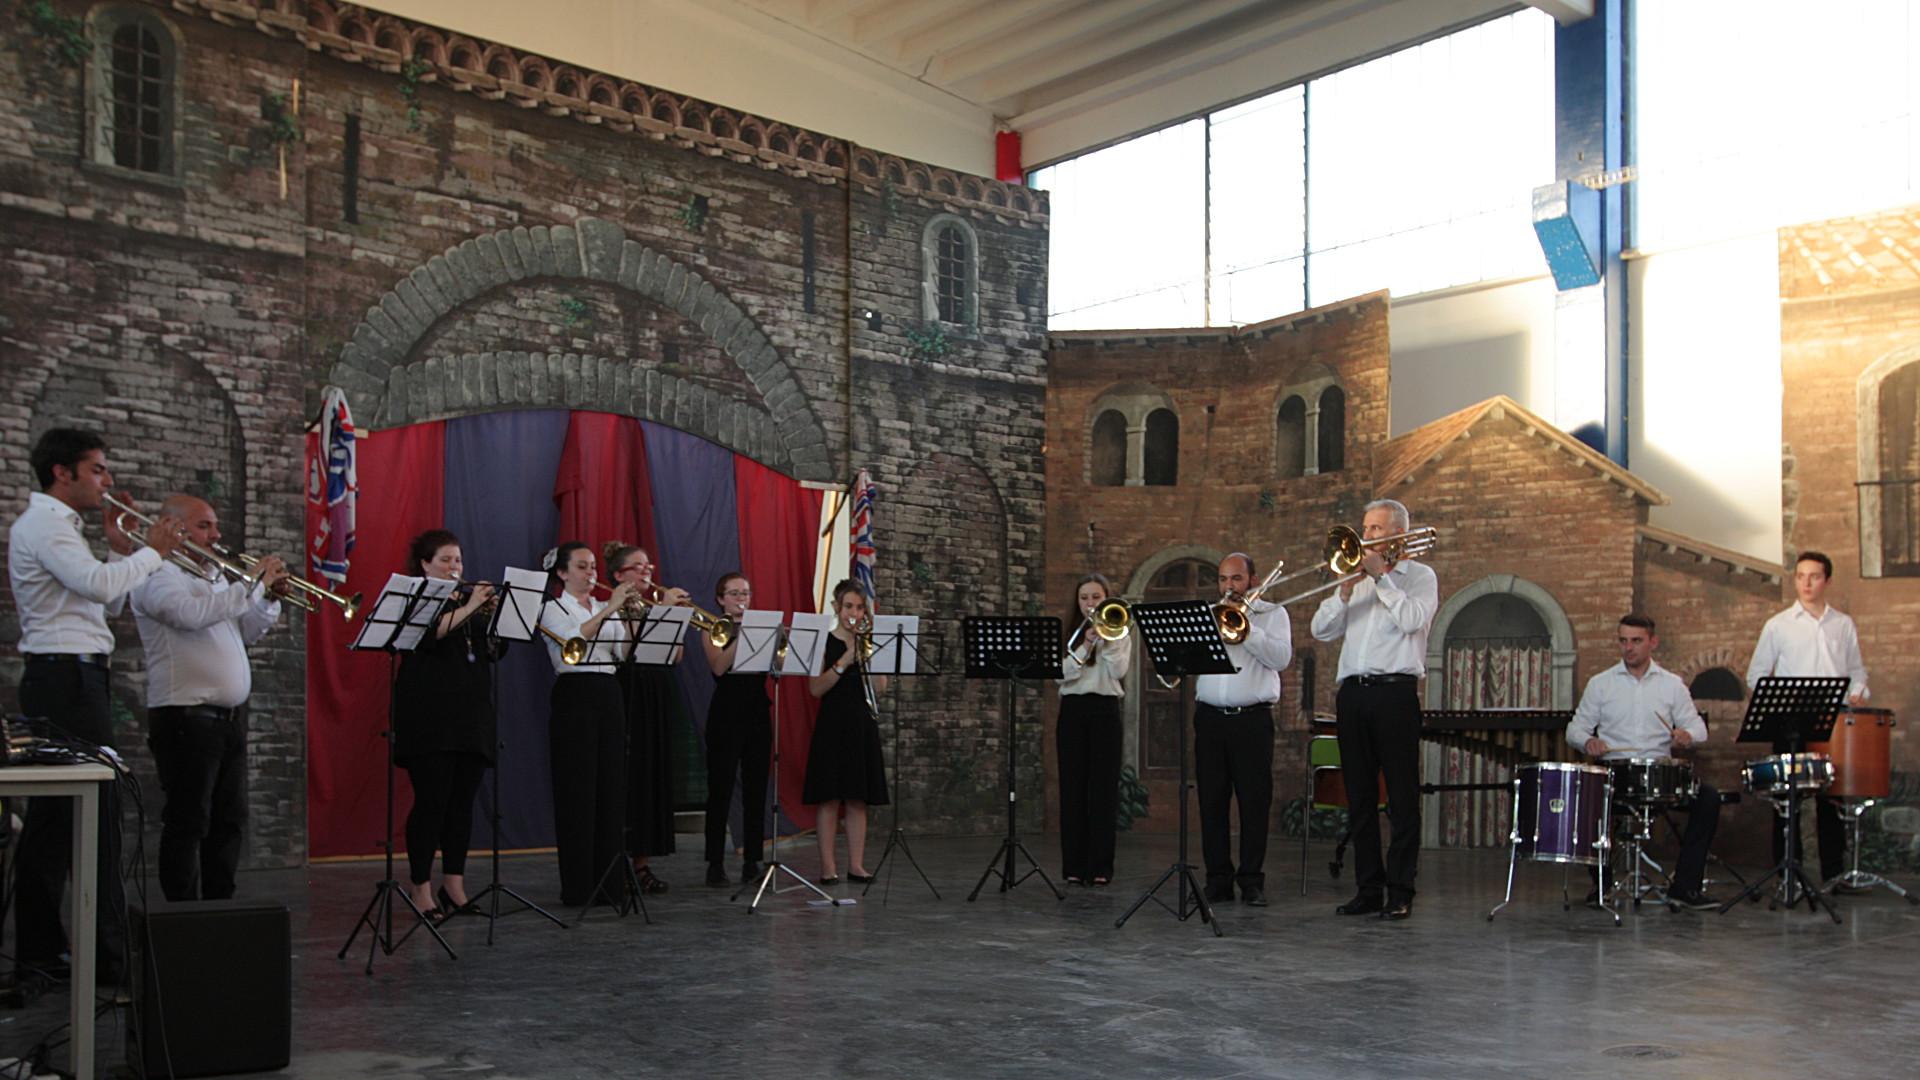 Conservatorio peri reggio emilia maest della battaglia - Discount della piastrella reggio emilia ...